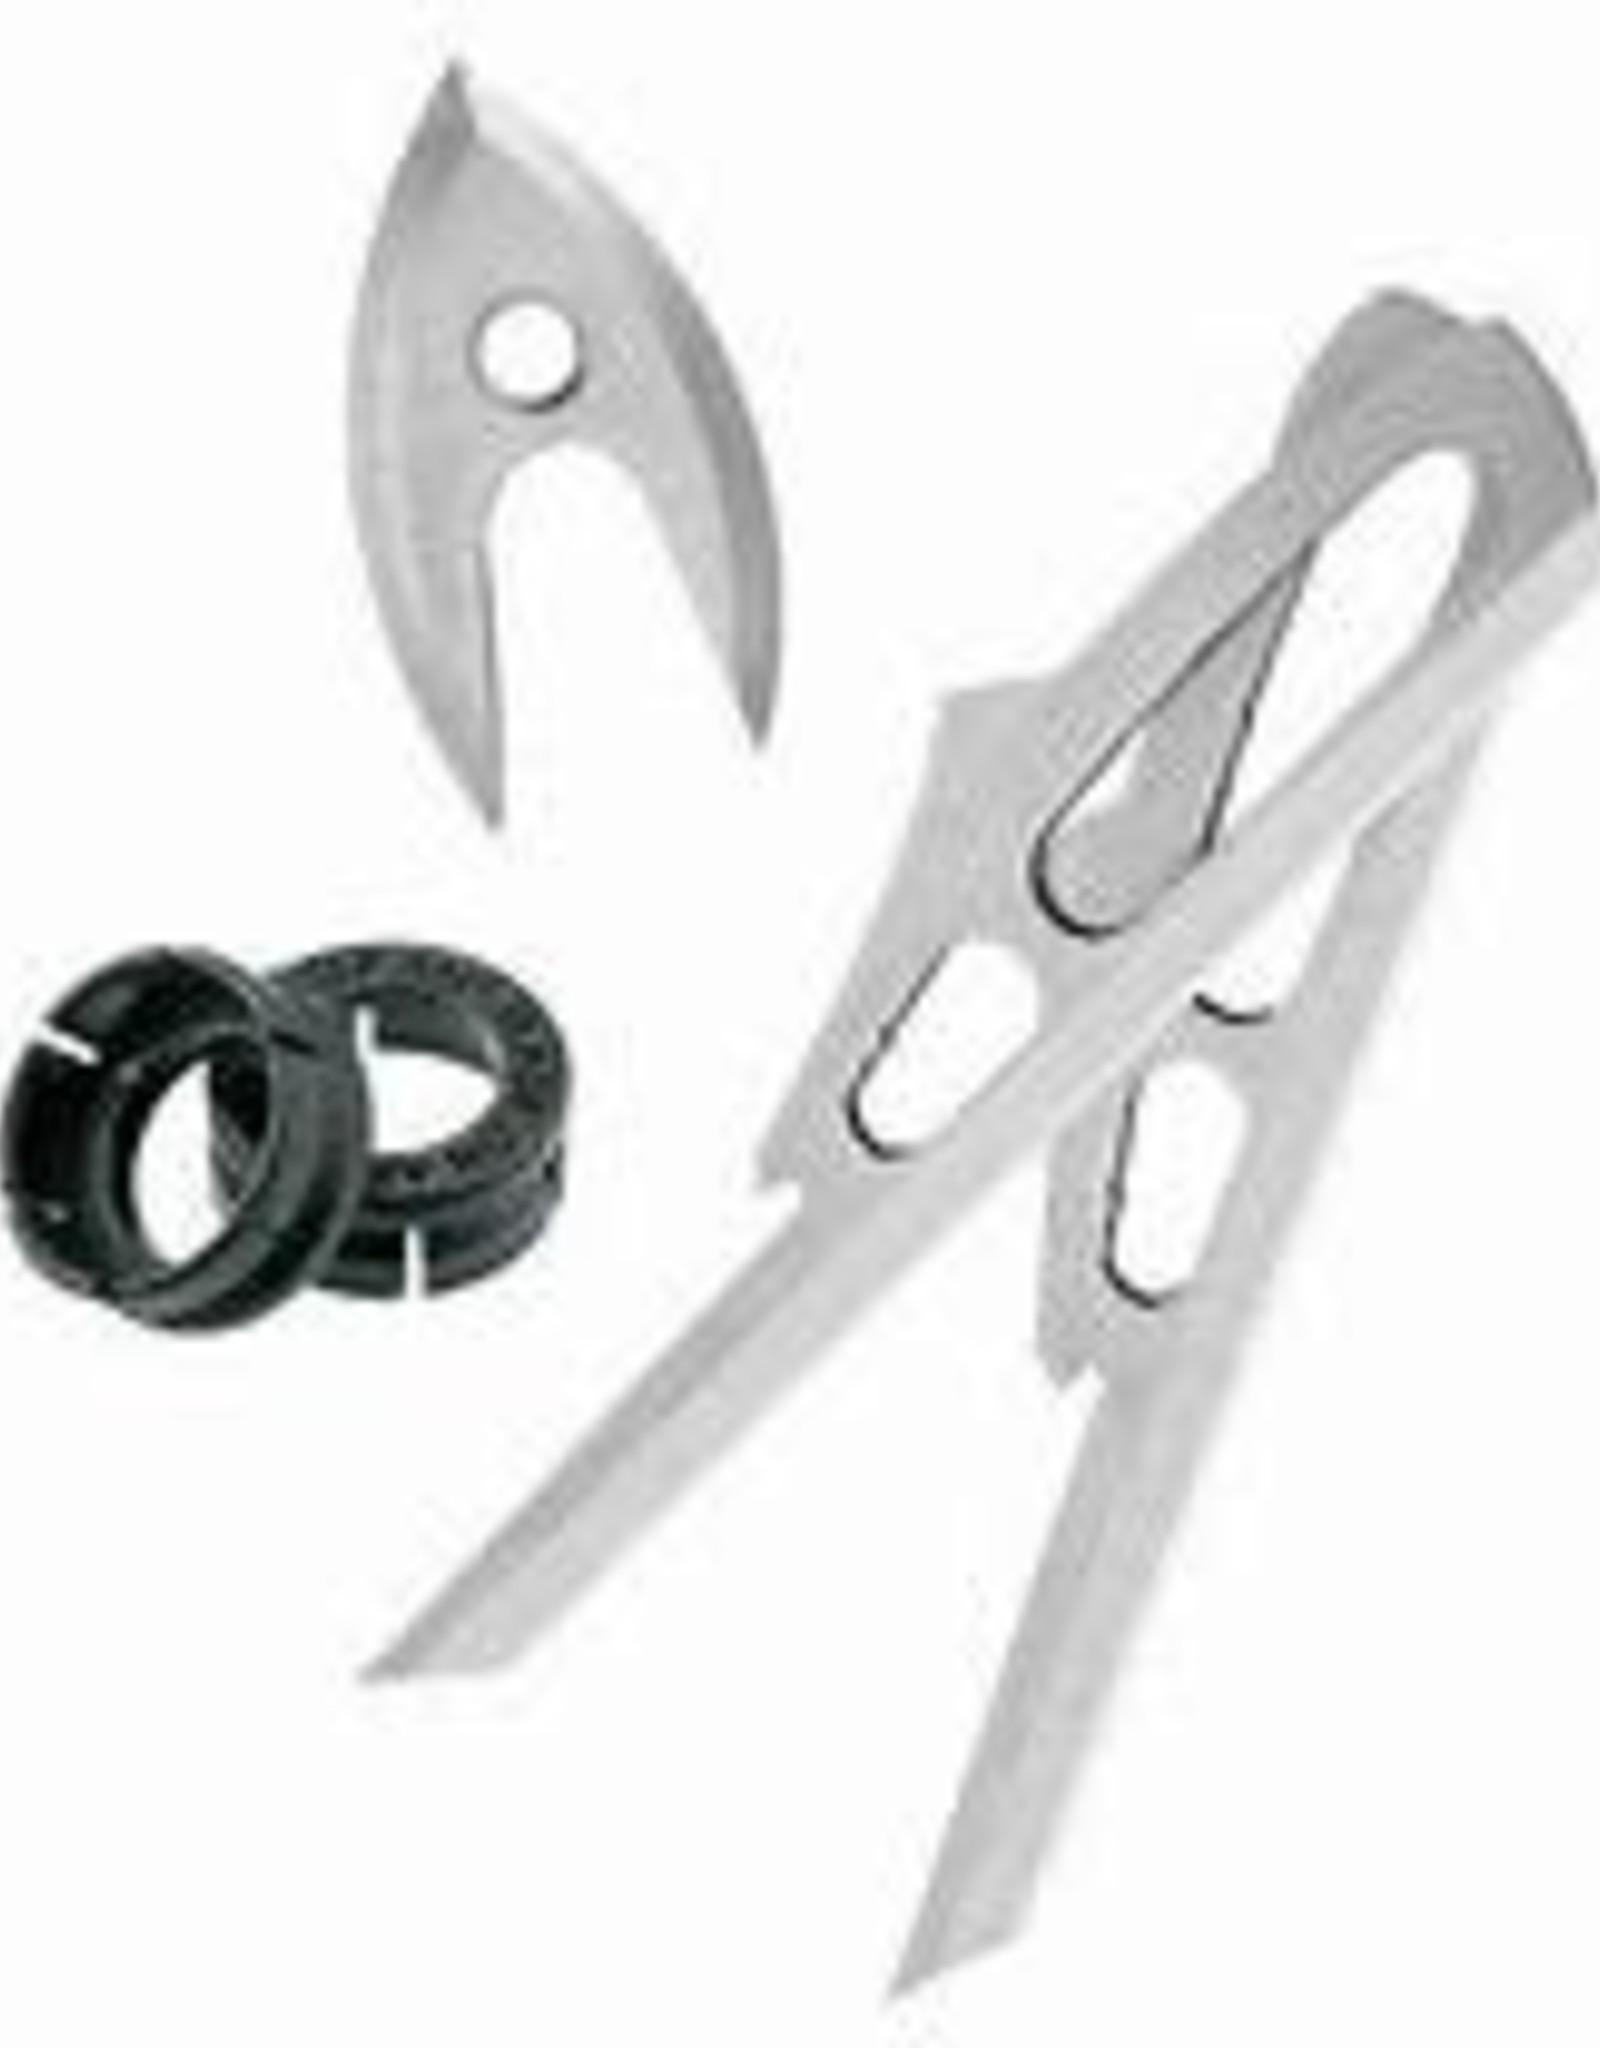 Rage 2 Blade SC & Chisel Tip SC Replacement Blades/Screws/Shock Collars